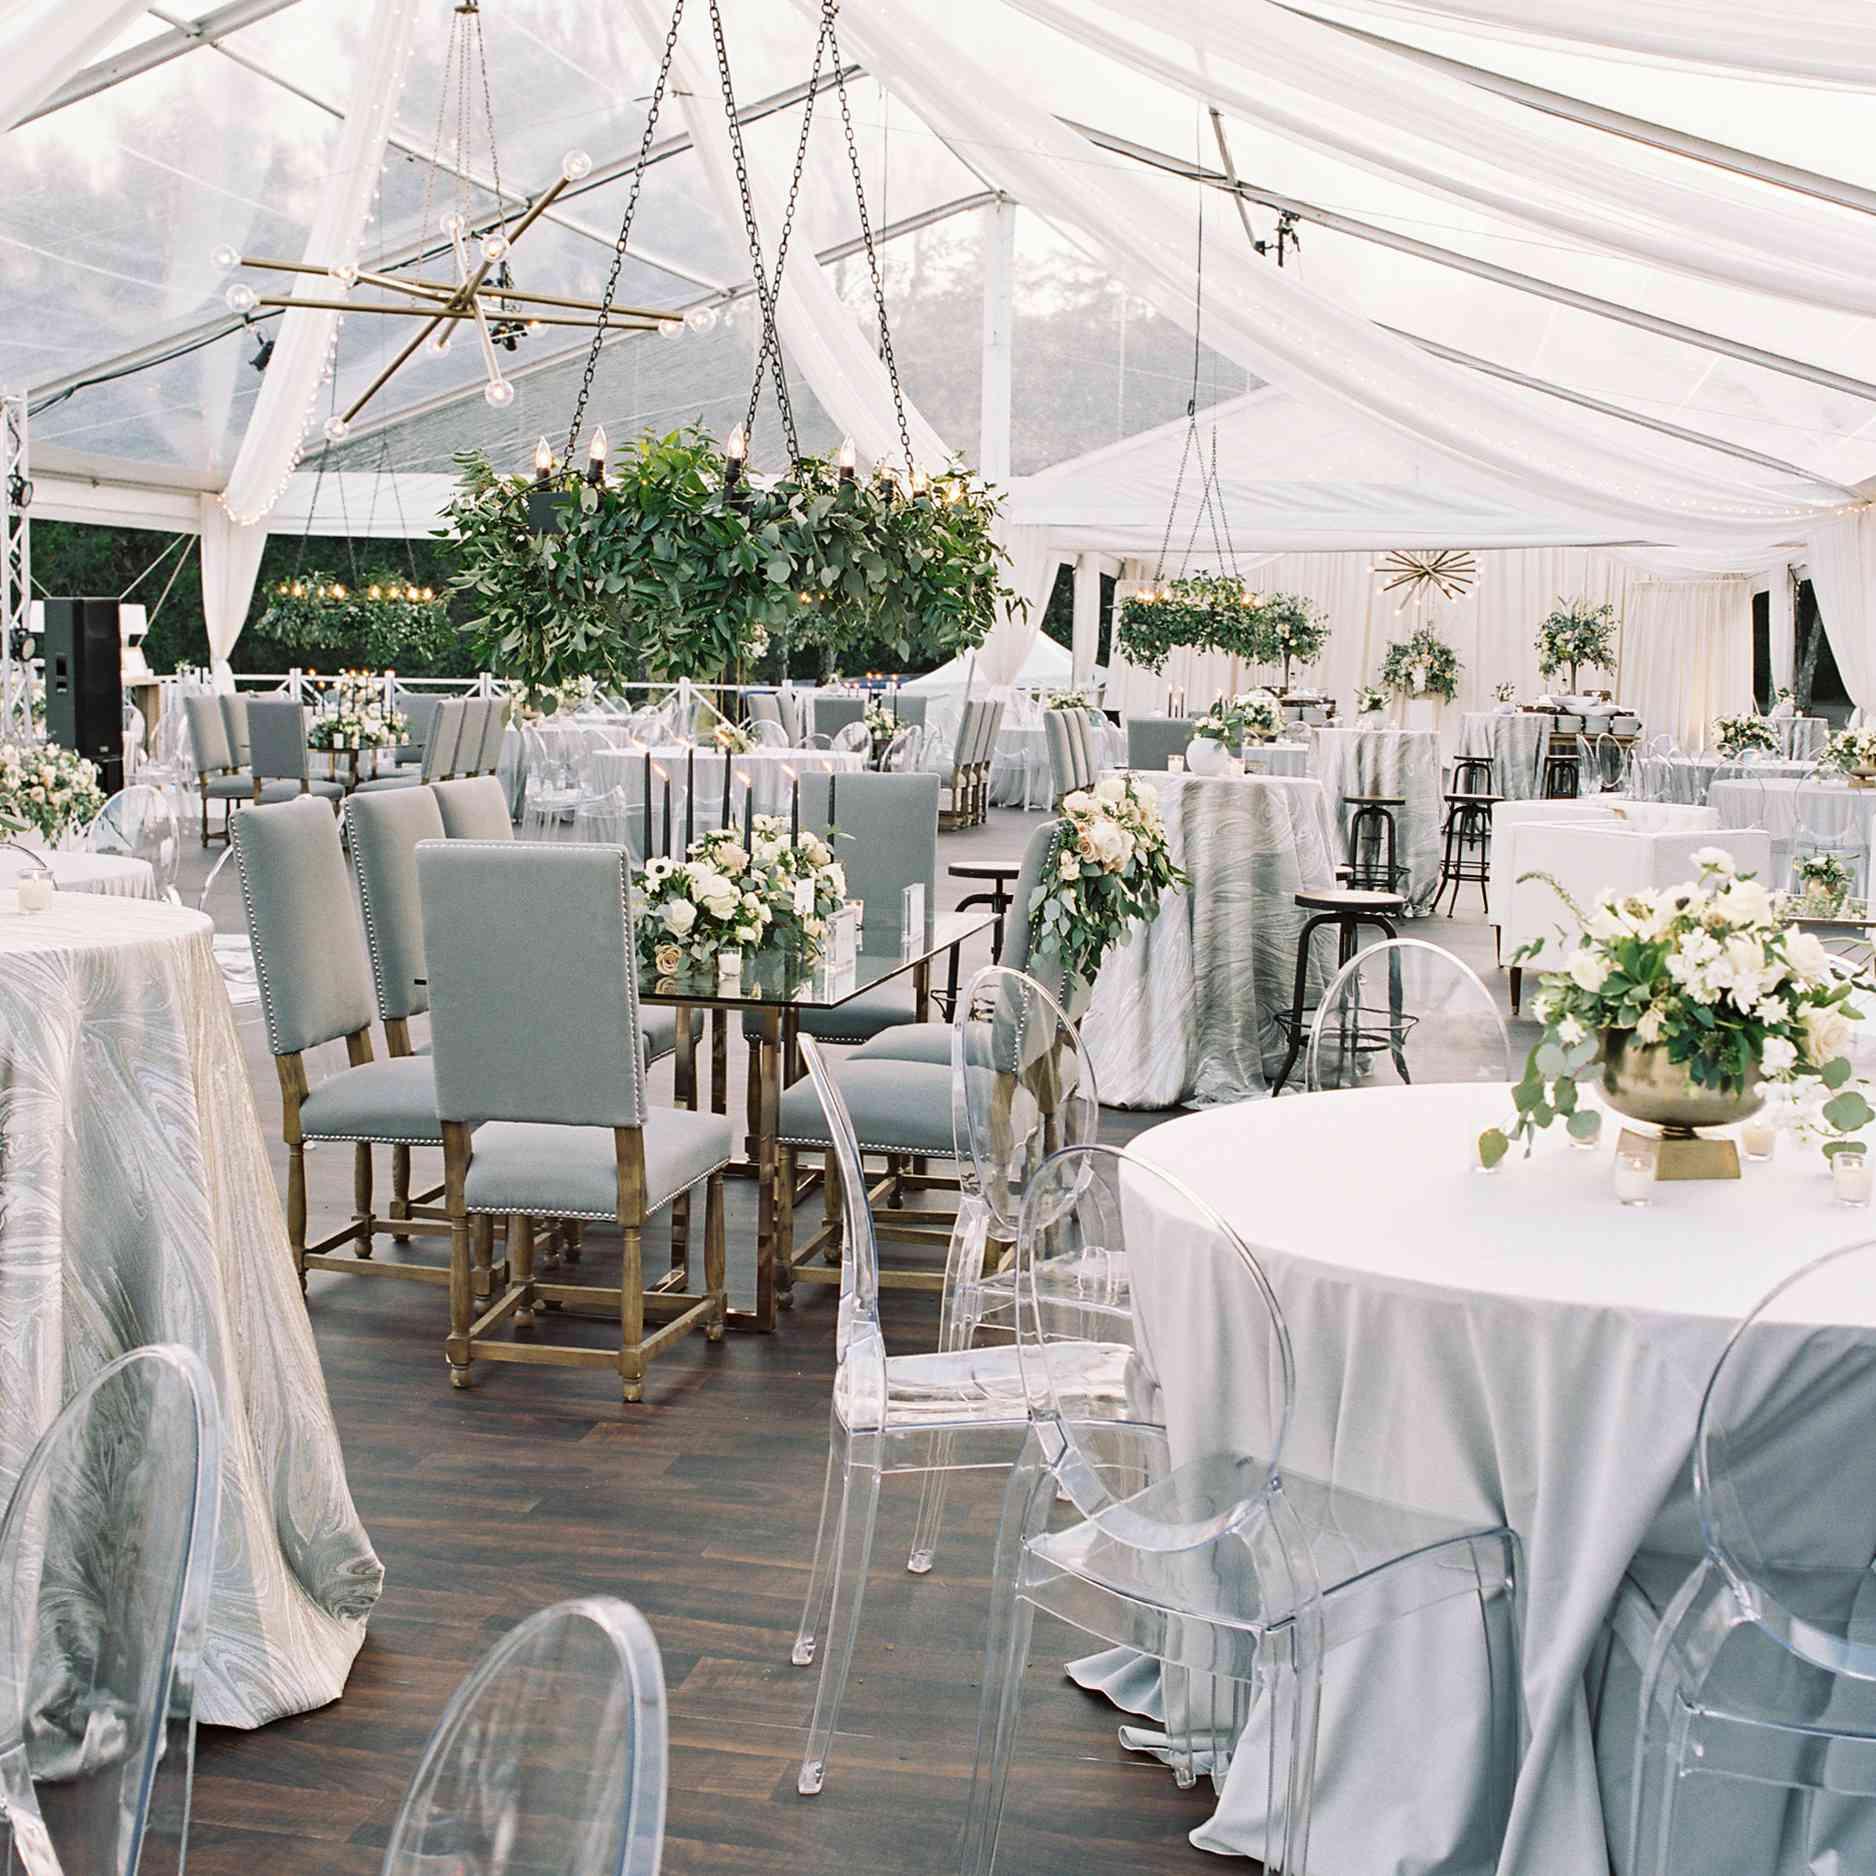 <p>Wedding reception venue</p><br><br>